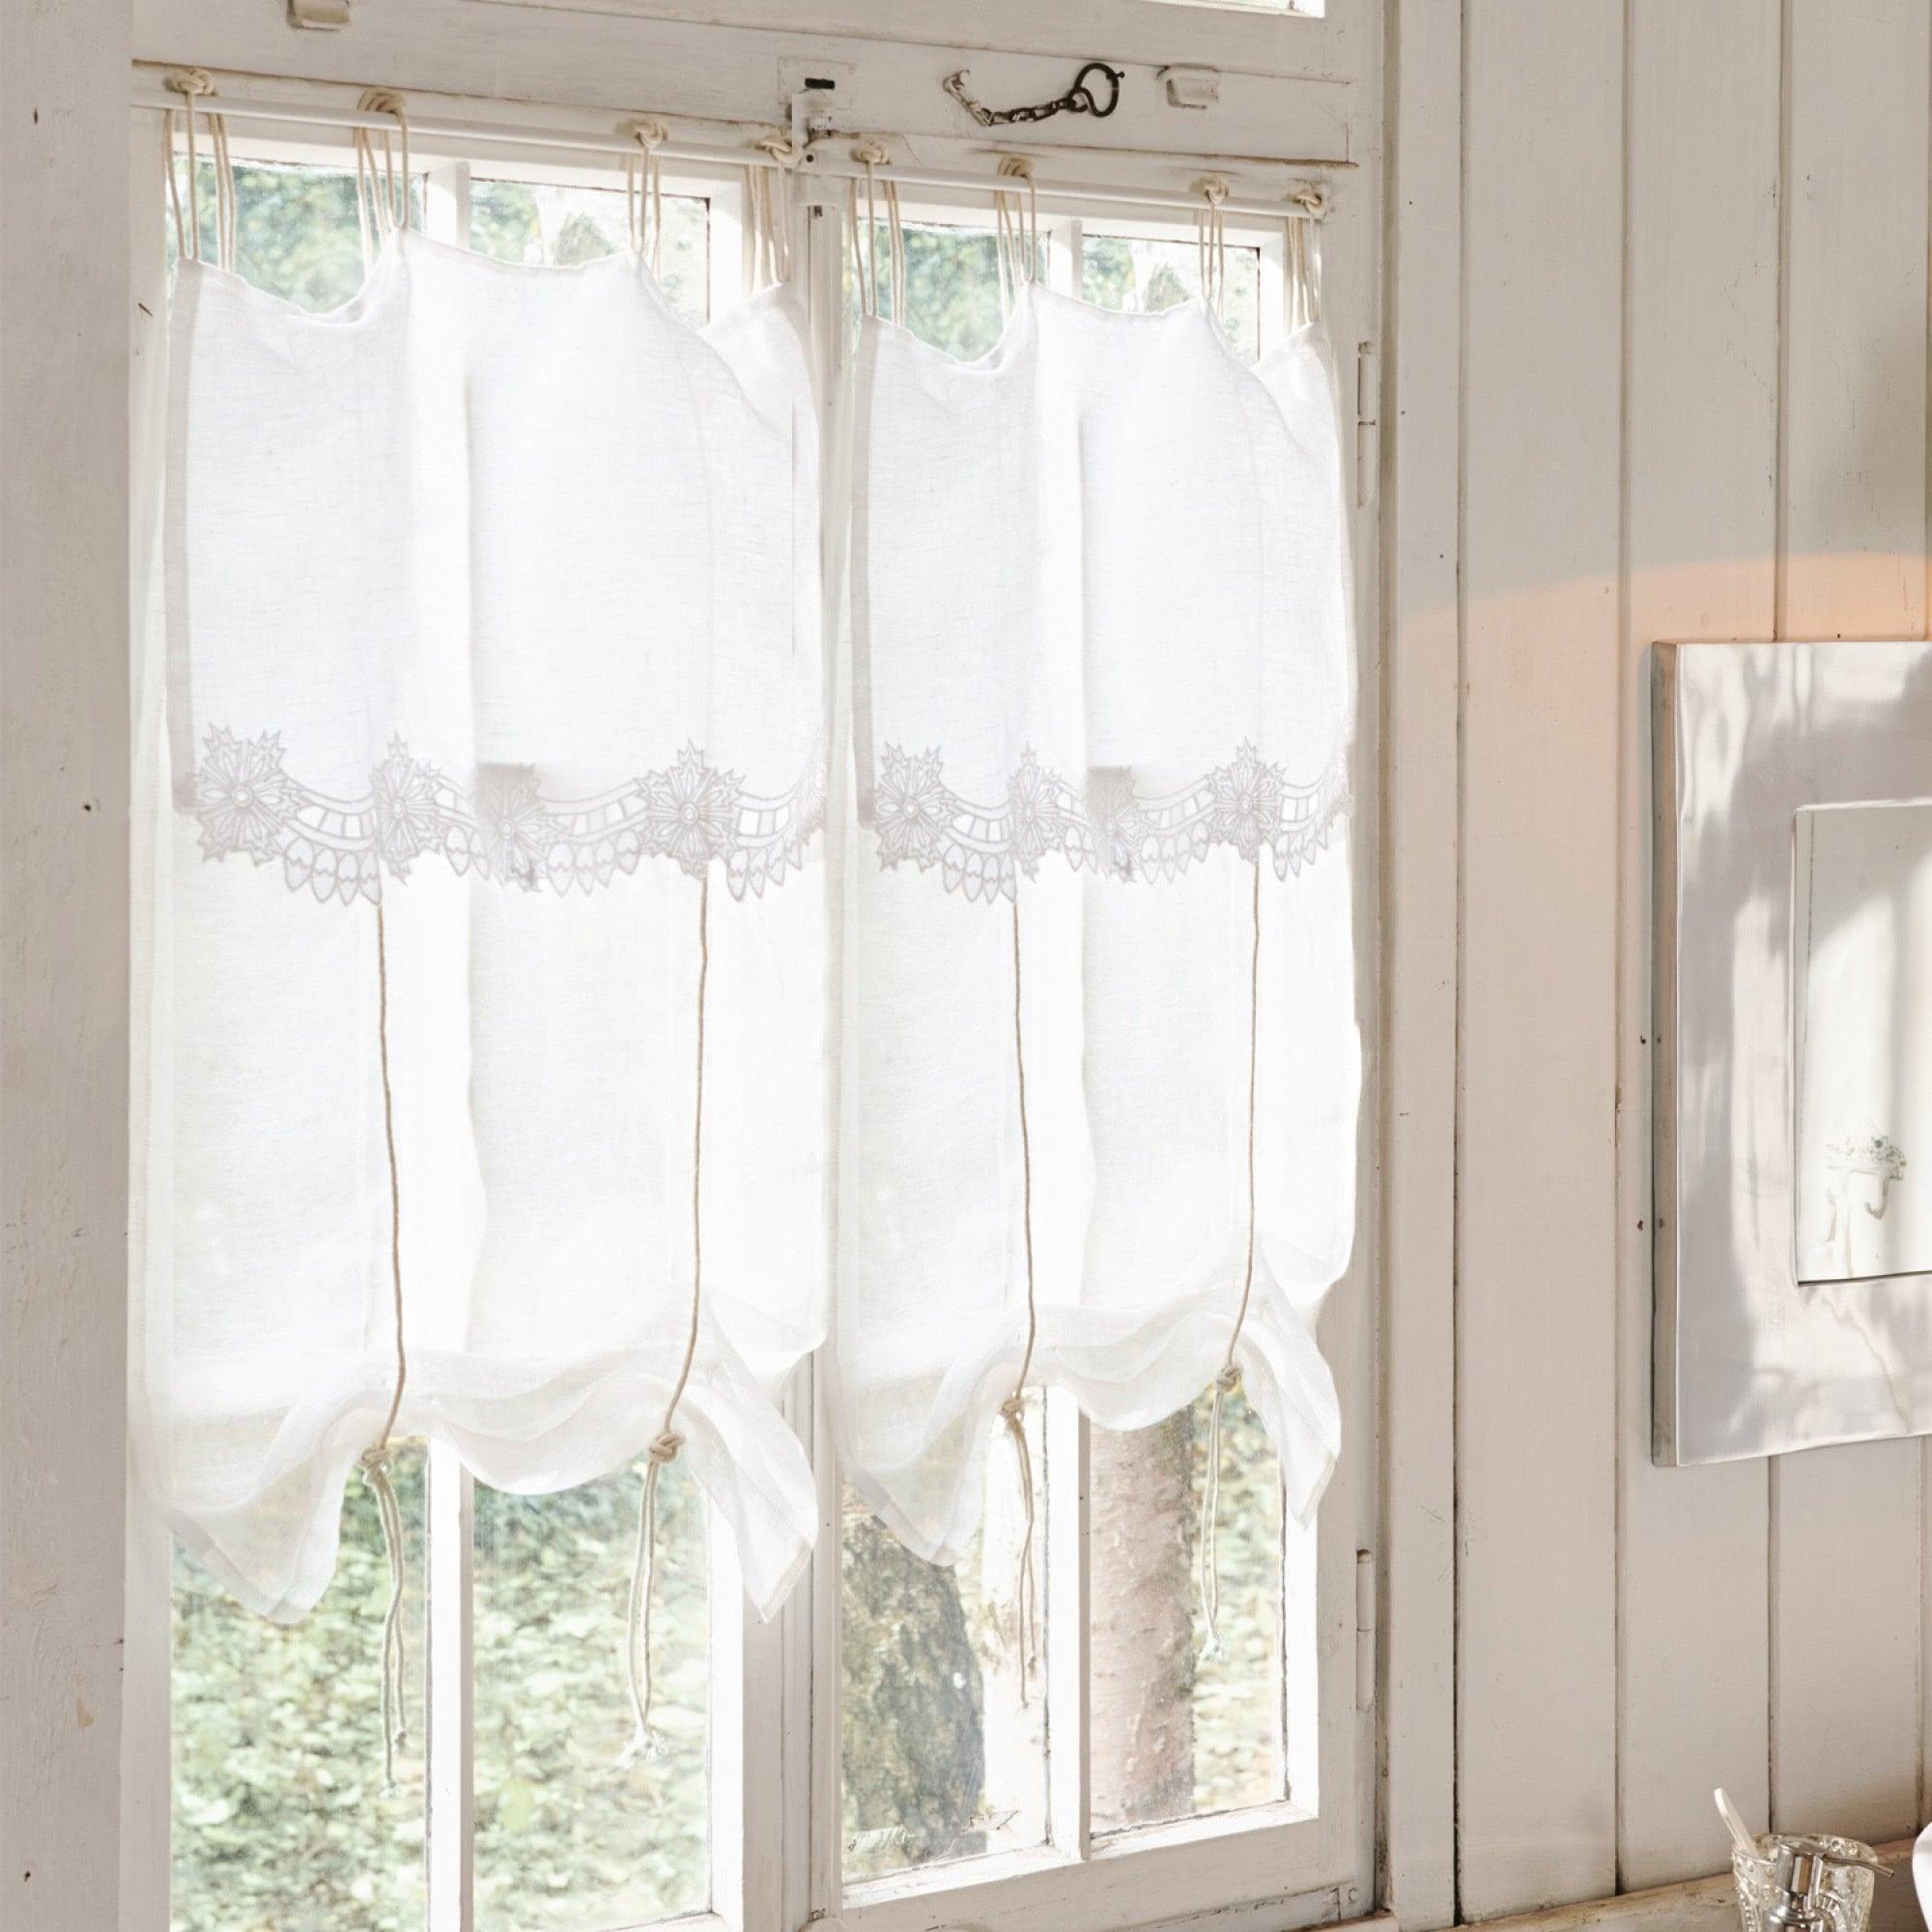 gardinen und vorhänge online kaufen | stilvolle auswahl bei loberon - Gardinen Landhausstil Wohnzimmer